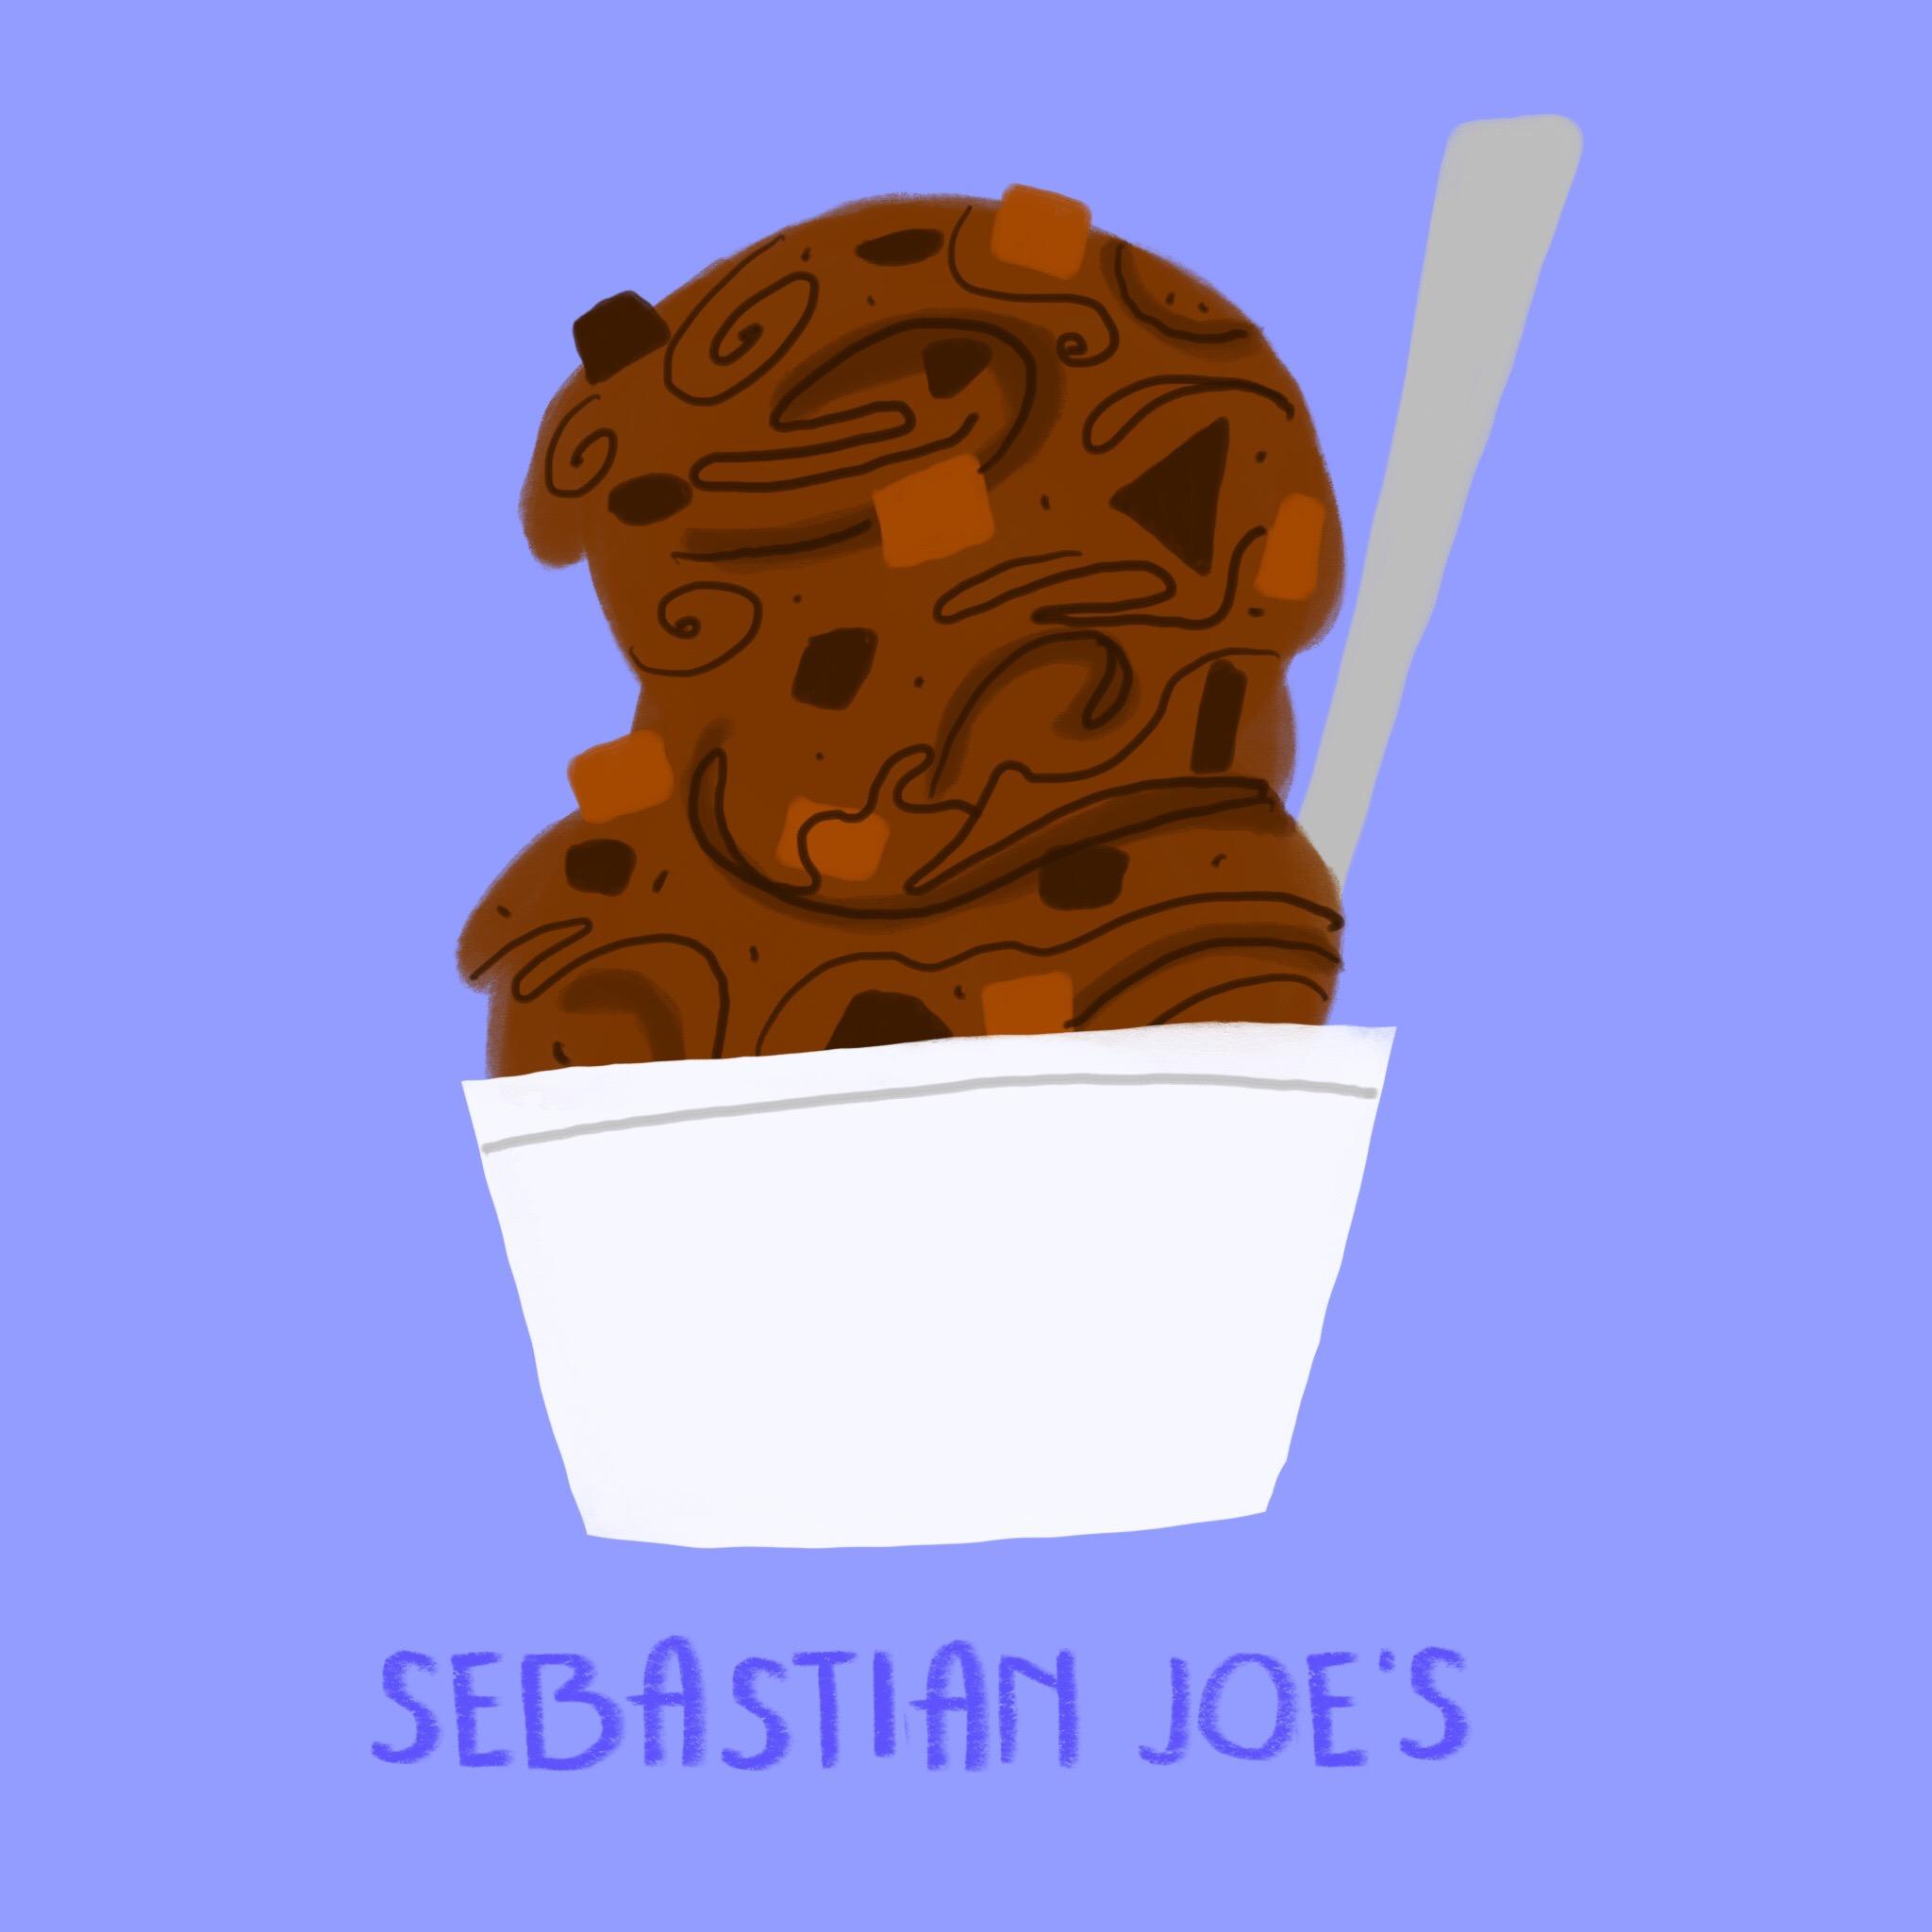 60_-_Sebastian_Joe's.jpg